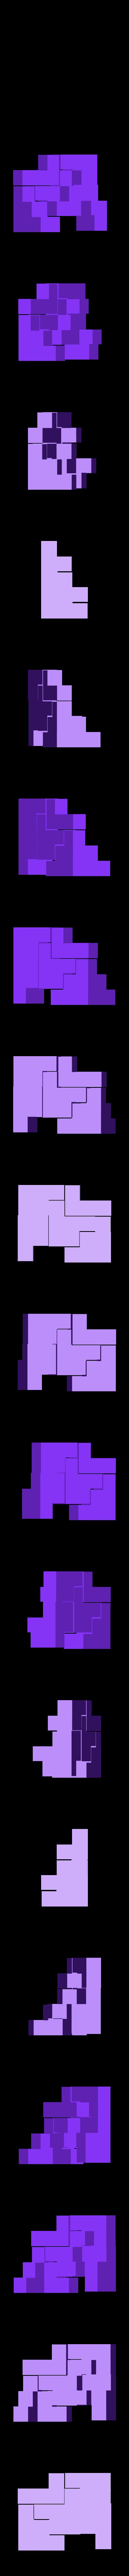 mini_puzzlecube_color2_pieces.stl Télécharger fichier STL gratuit Mini Puzzle Cube Impossible • Objet pour imprimante 3D, Balkhagal4D